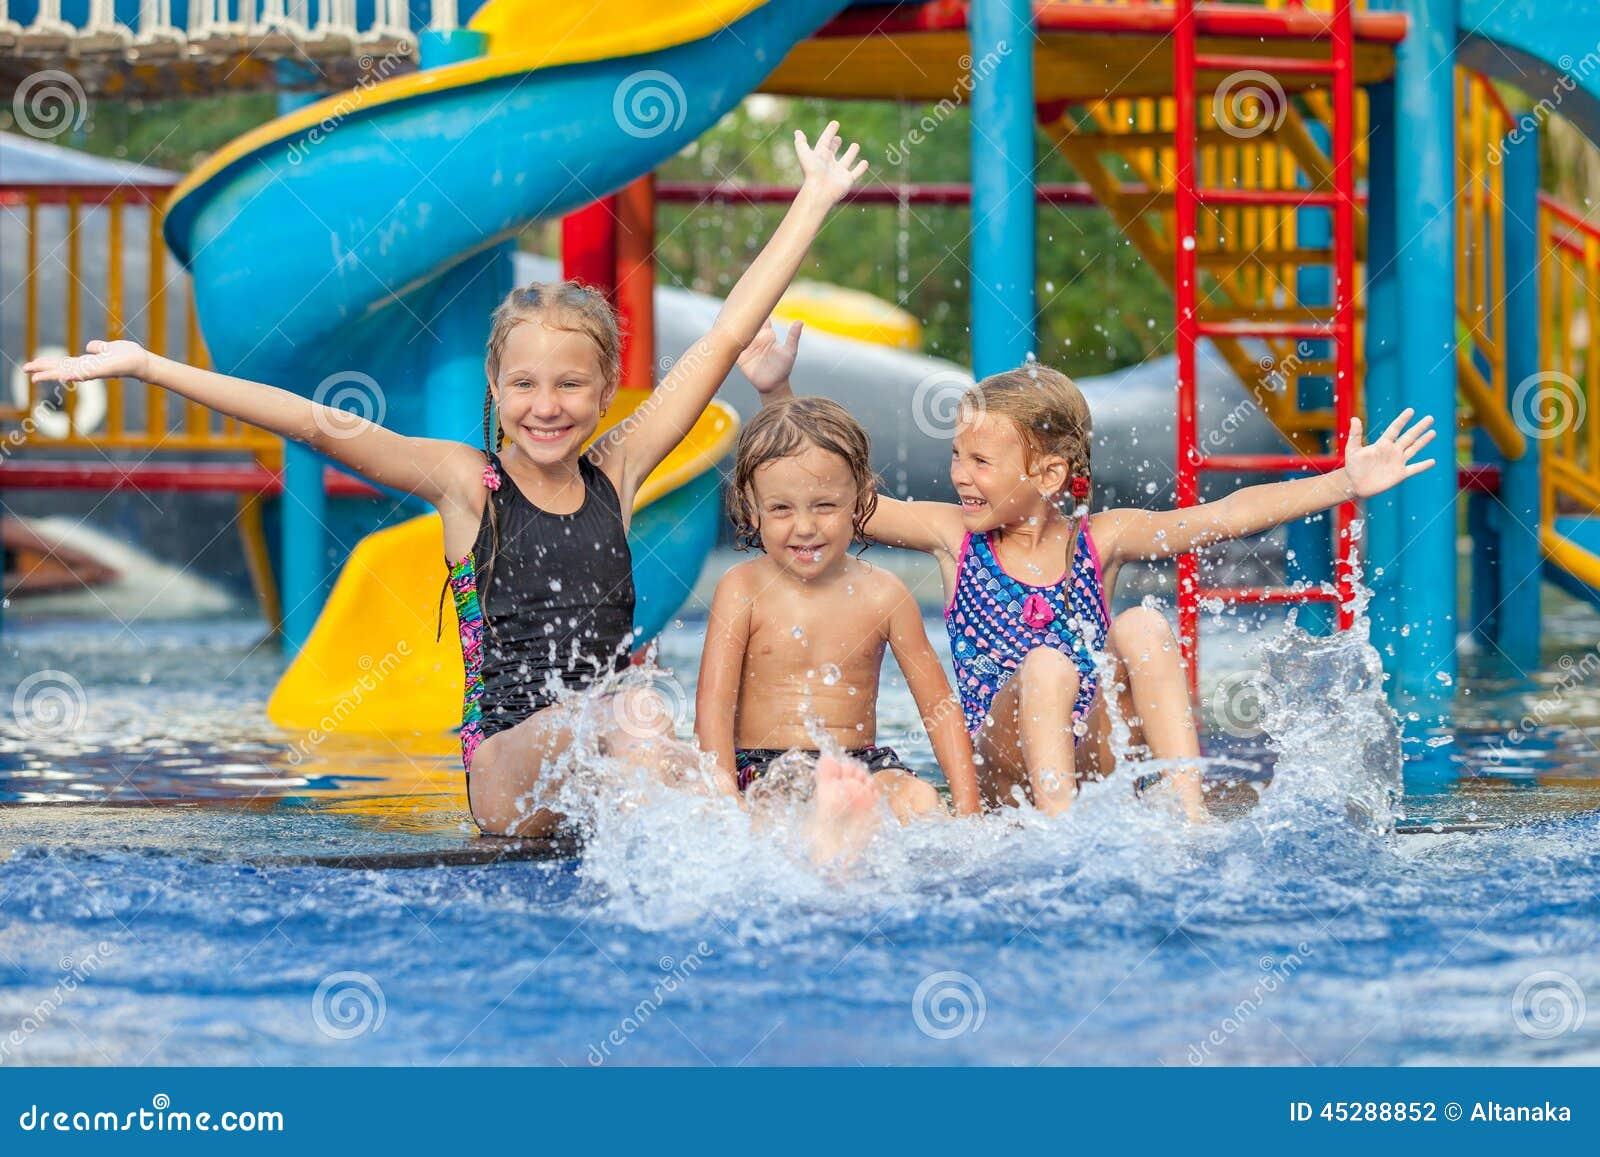 Drei Kleinkinder, Die Im Swimmingpool Spielen Stockfoto ...